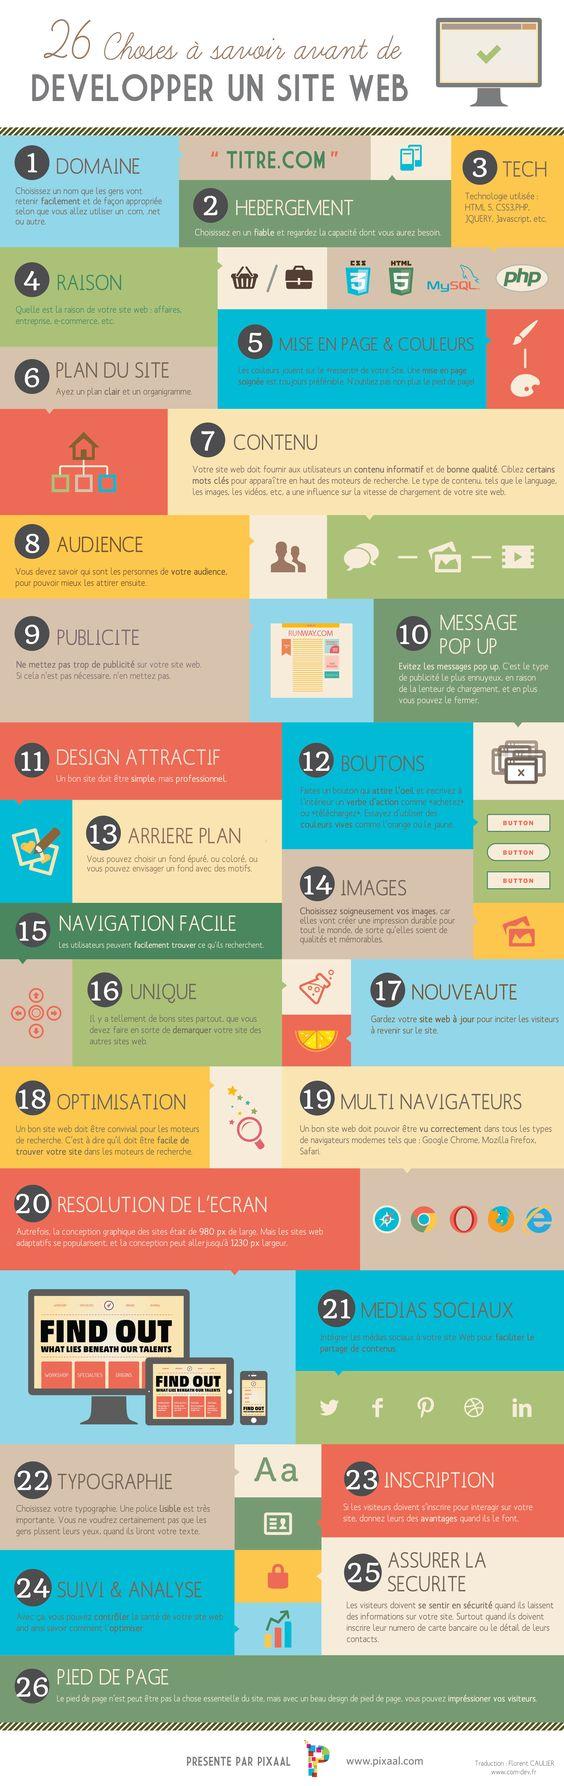 Traduction française de l'infographie de #Pixaal #fr #Website